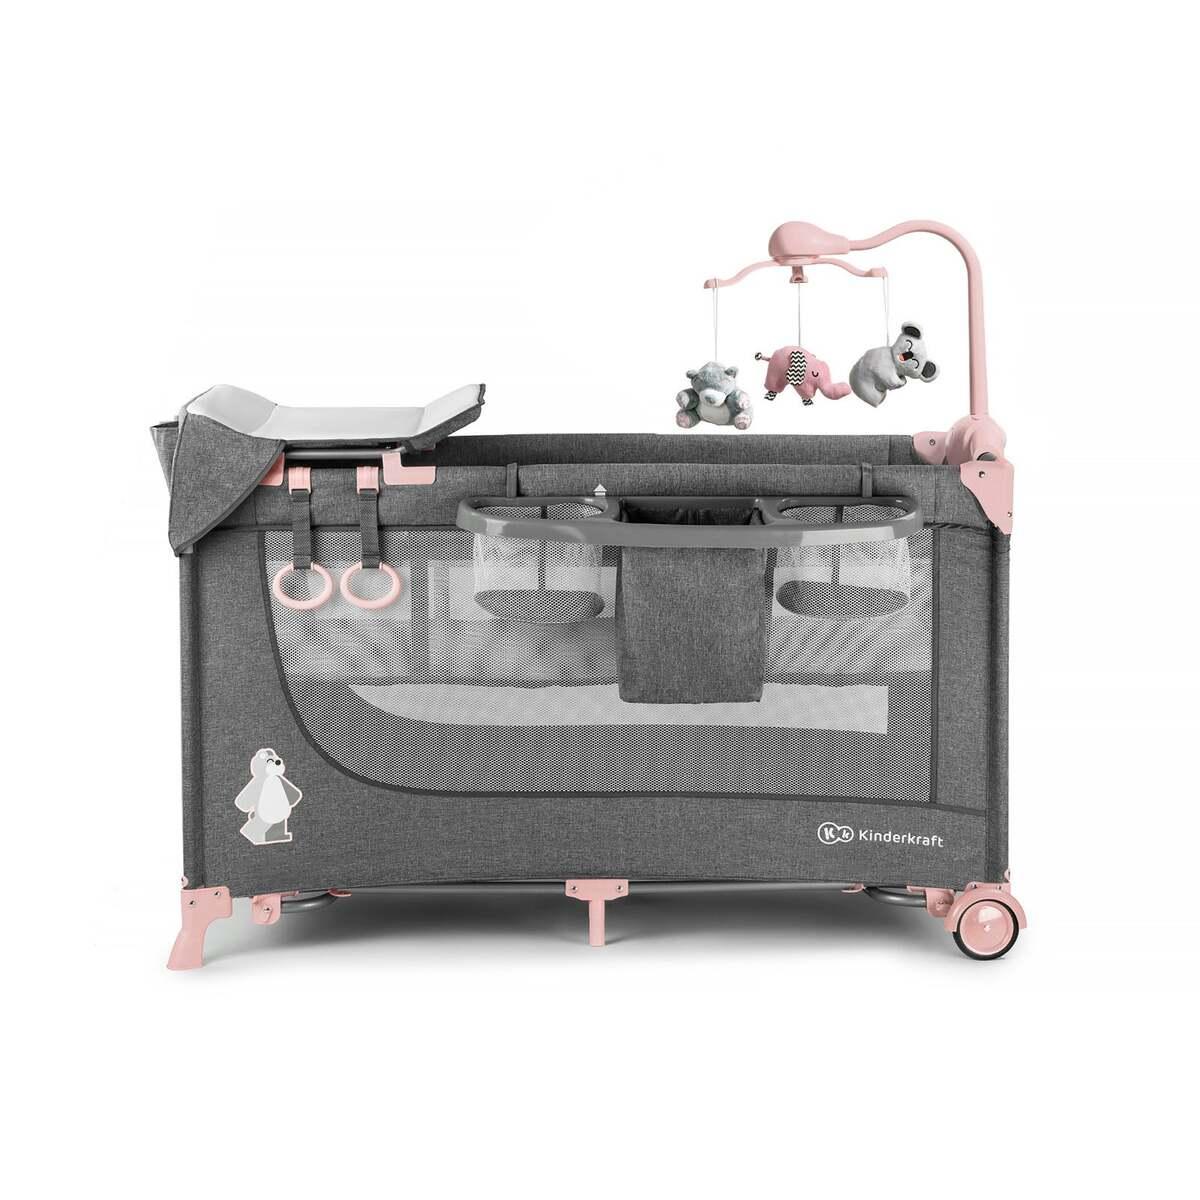 Bild 1 von Kinderkraft JOY-Reisebett 2in1mit Zubehör pink